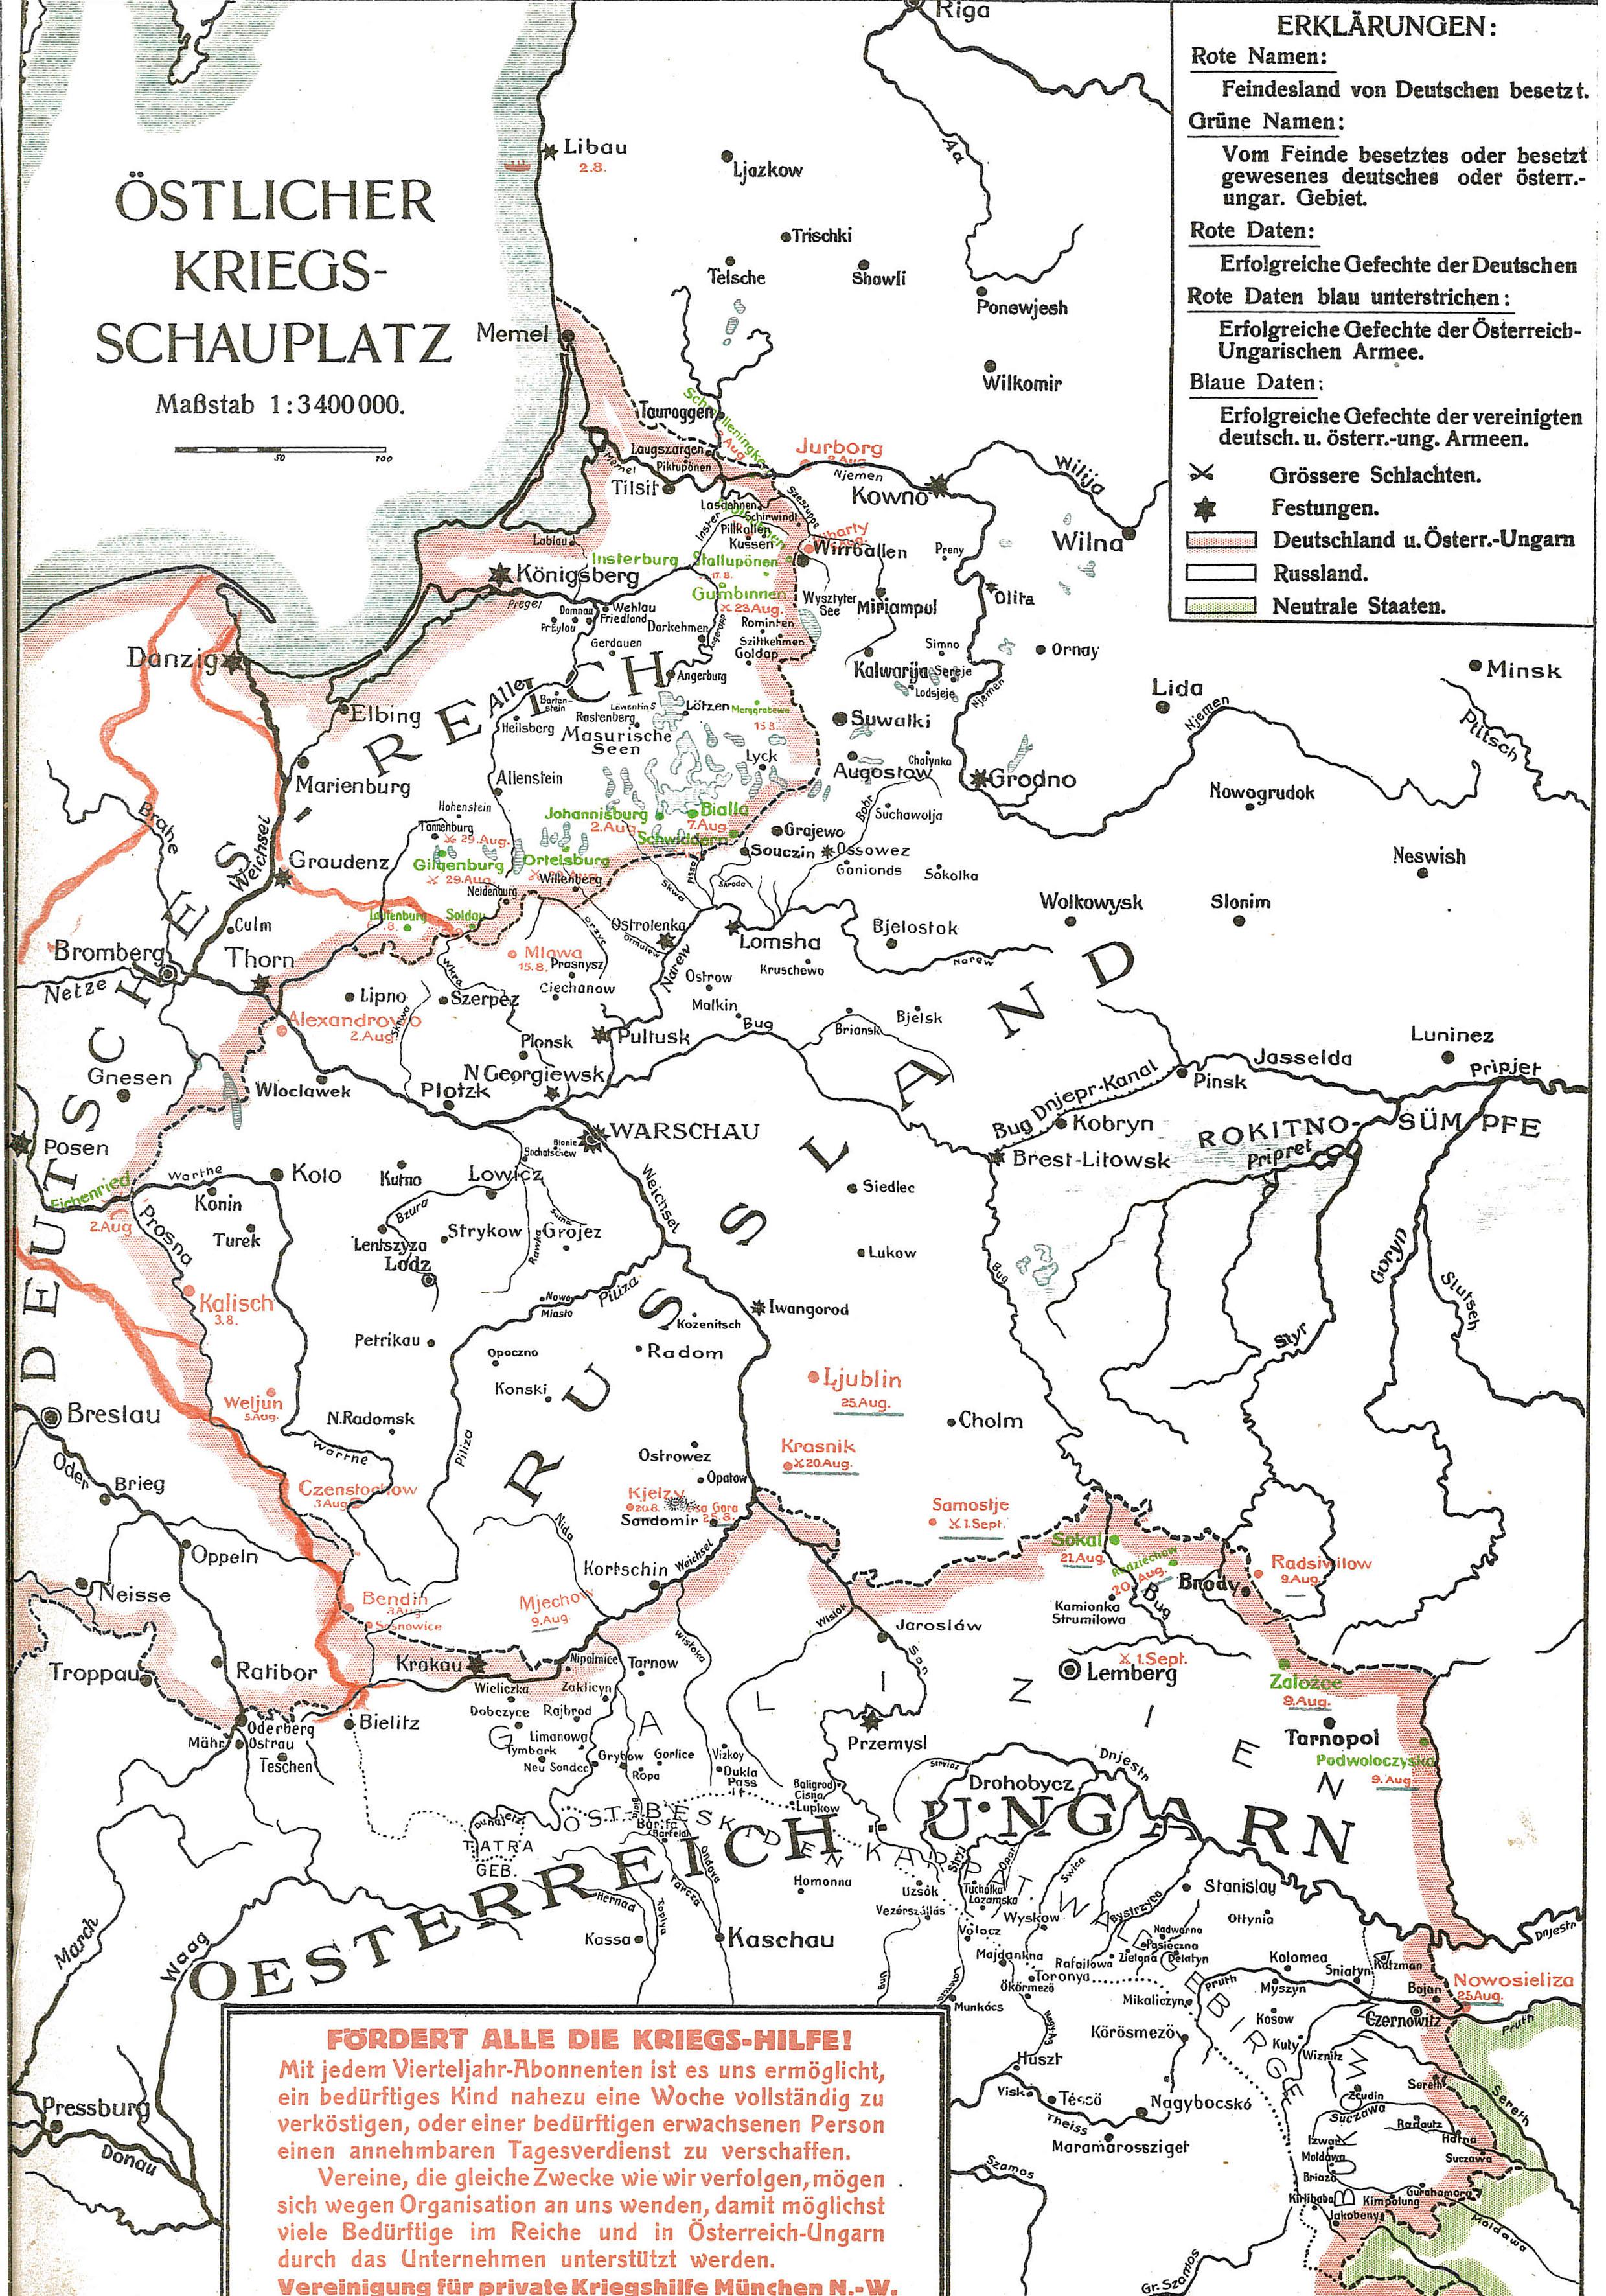 1914-08-02til09 Øst